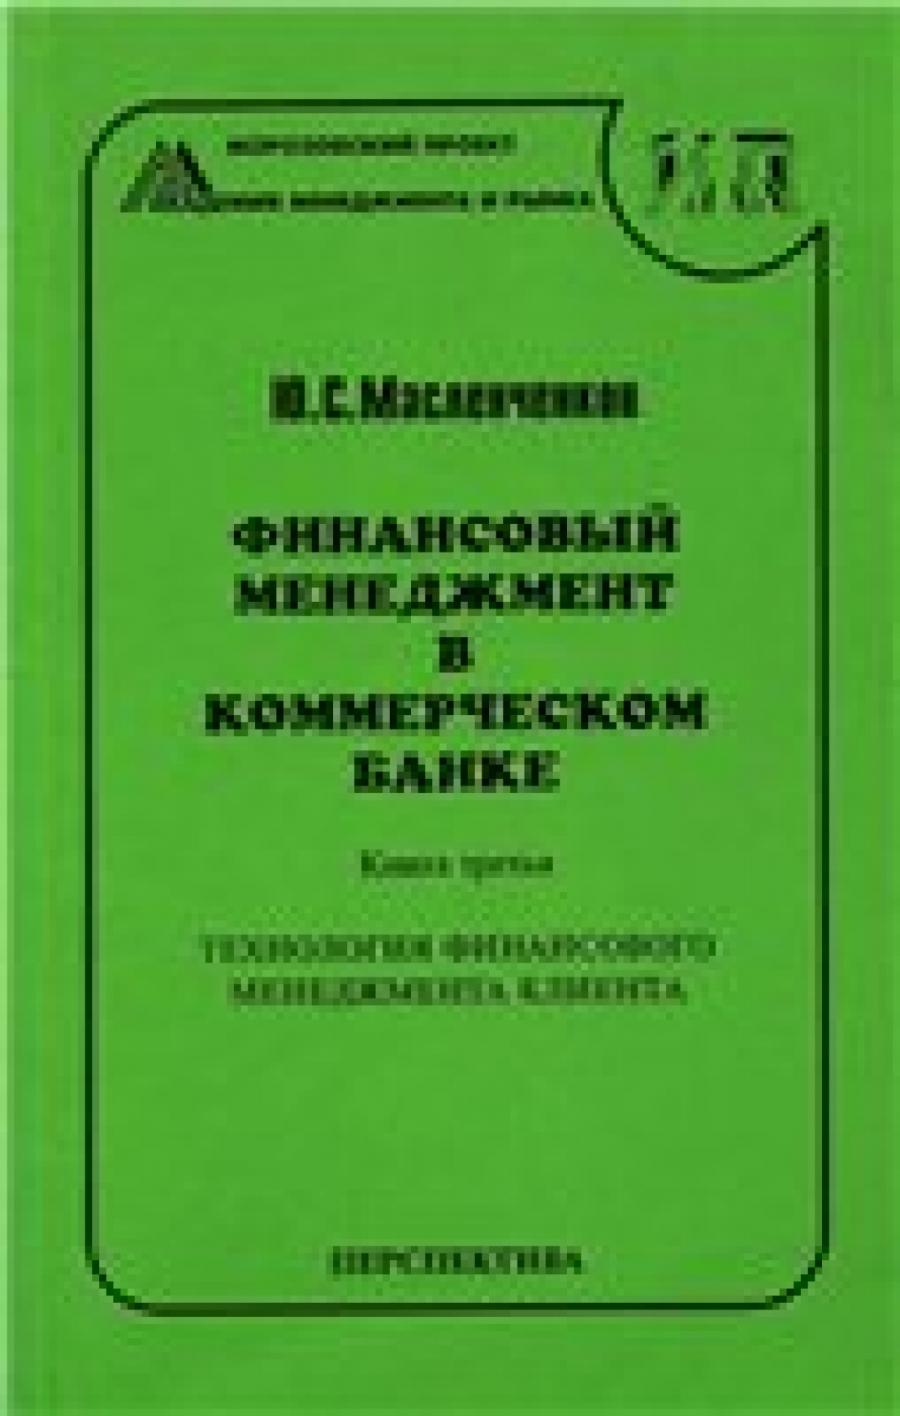 Обложка книги:  ю.с. масленченков - финансовый менеджмент в коммерческом банке